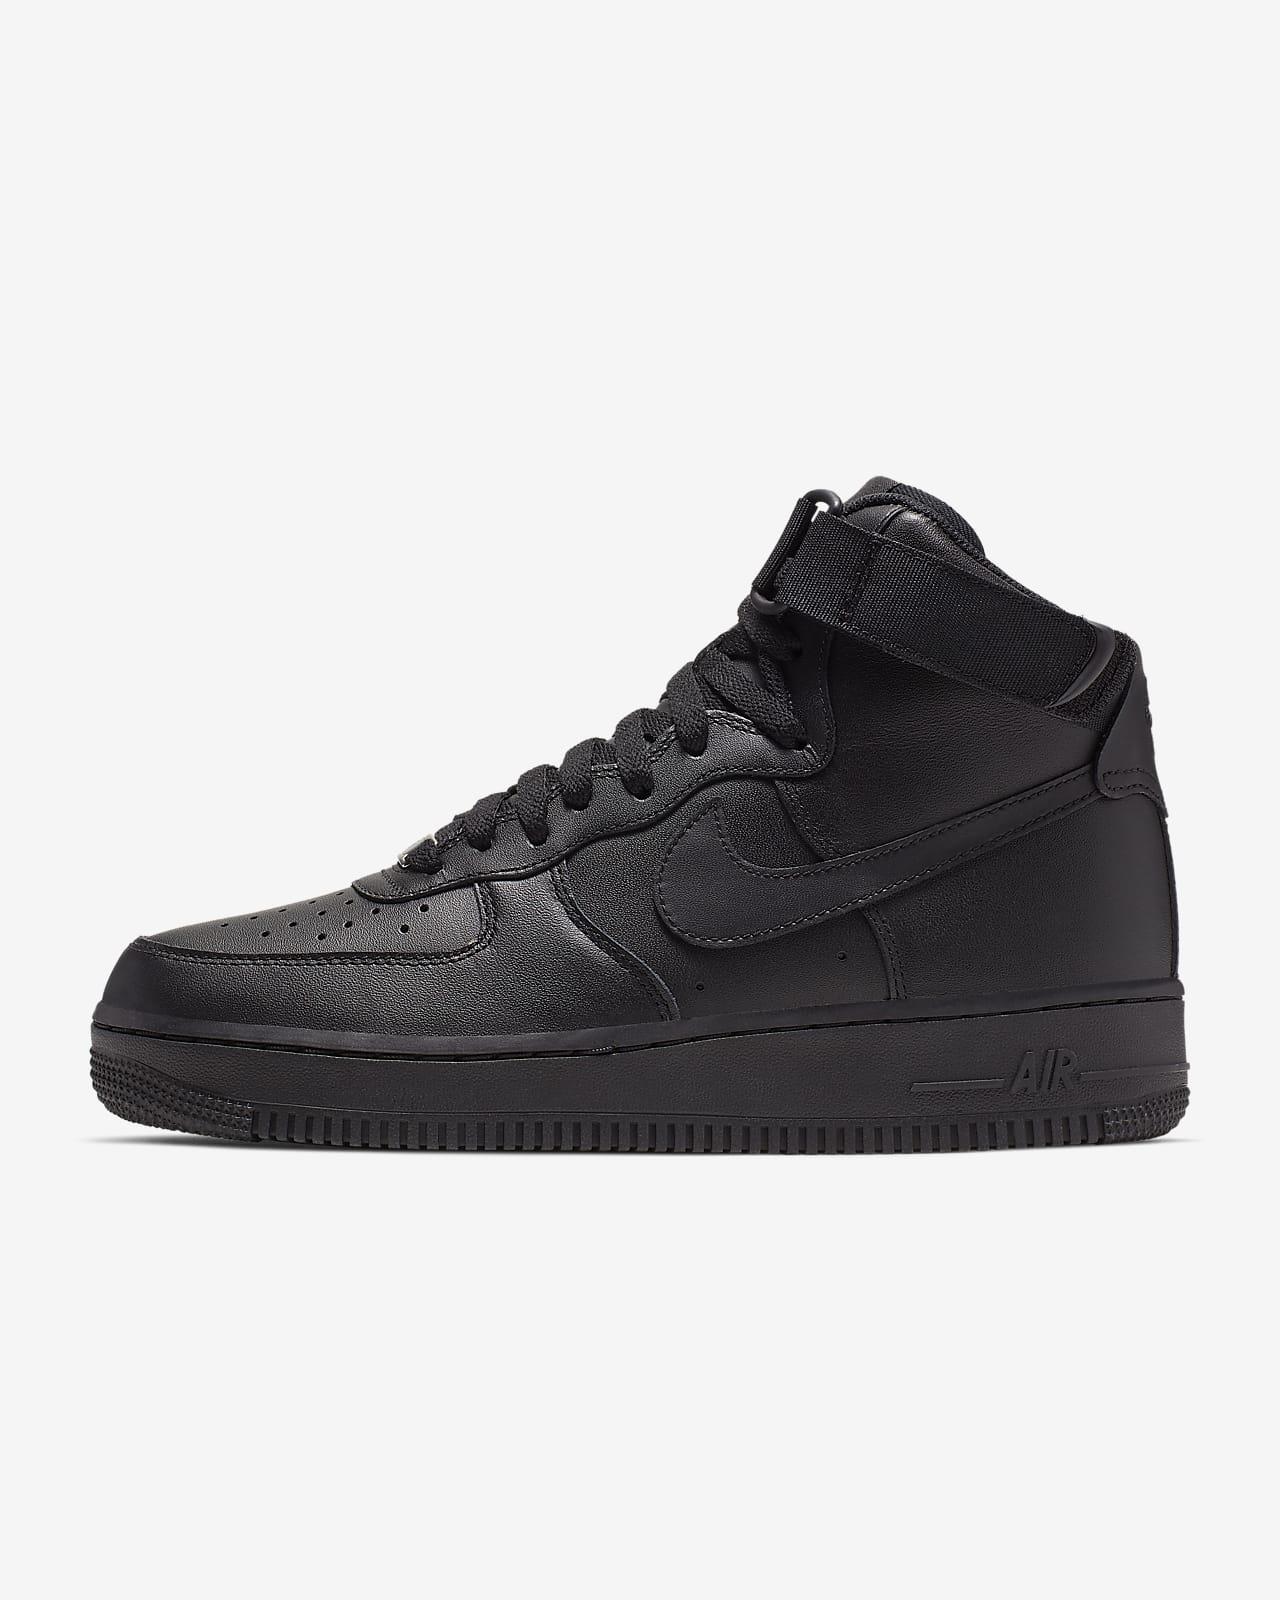 Nike Air Force 1 High Women's Shoe